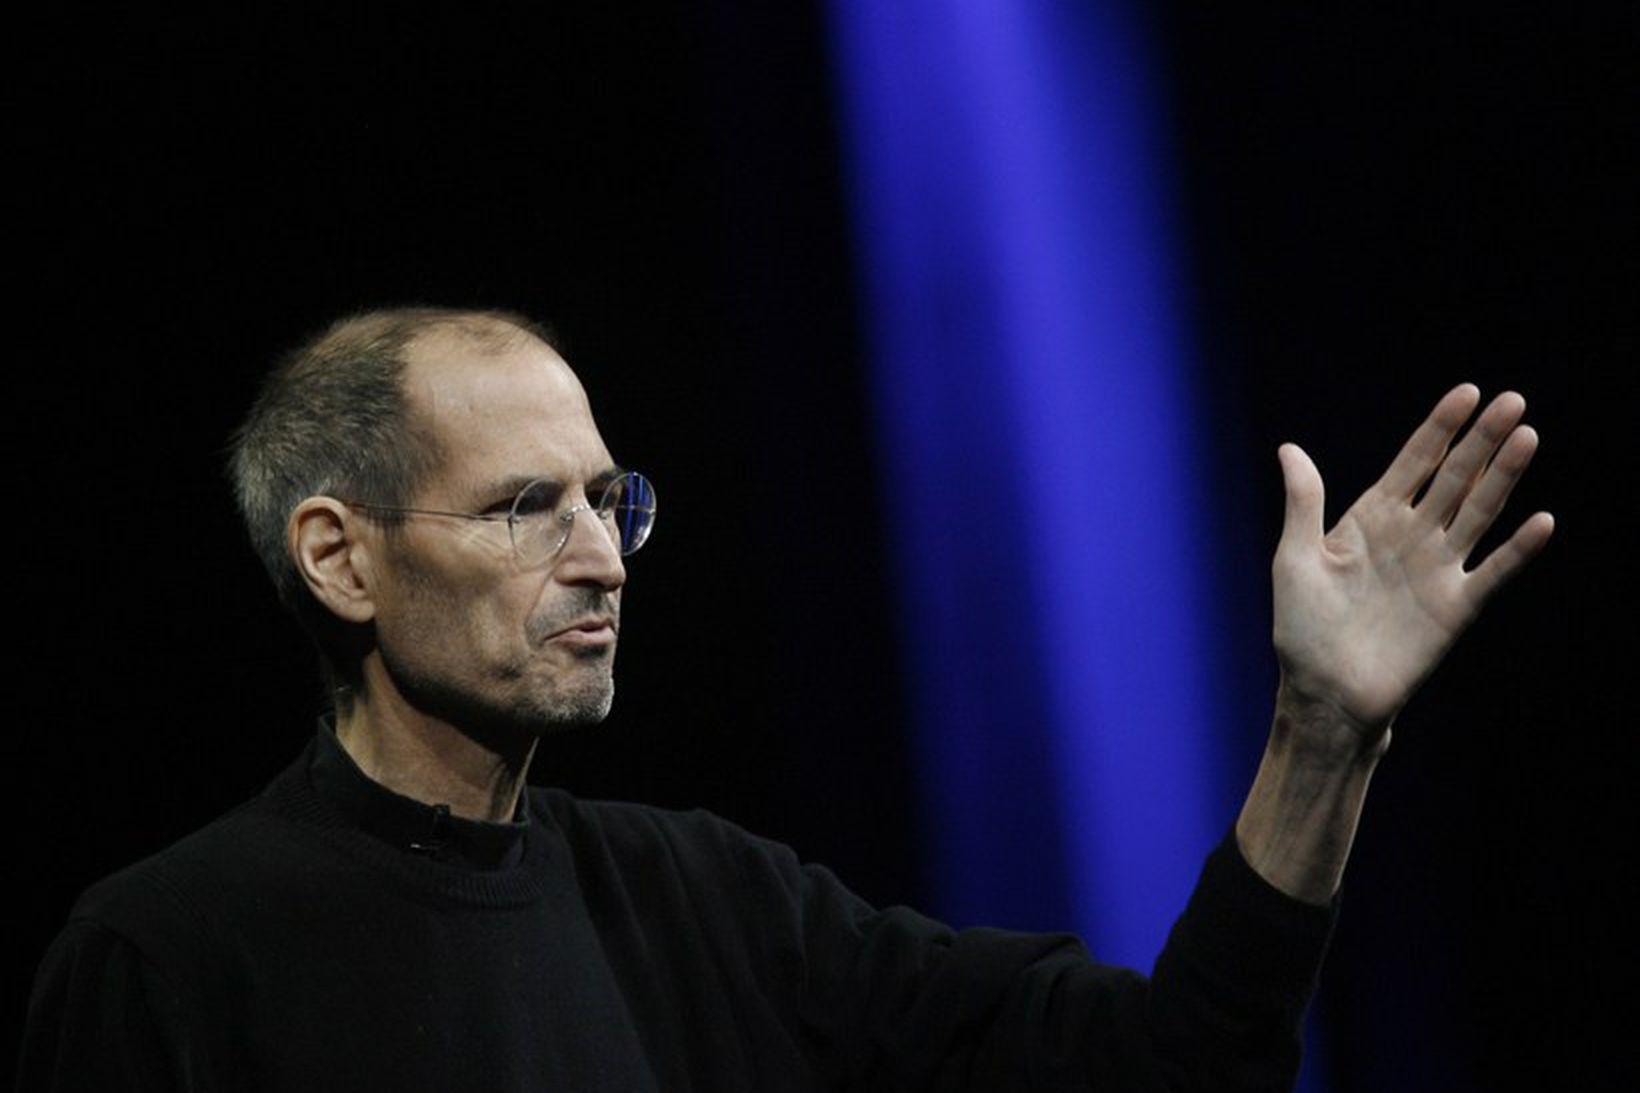 Steve Jobs lést árið 2011 eftir baráttu við krabbamein.